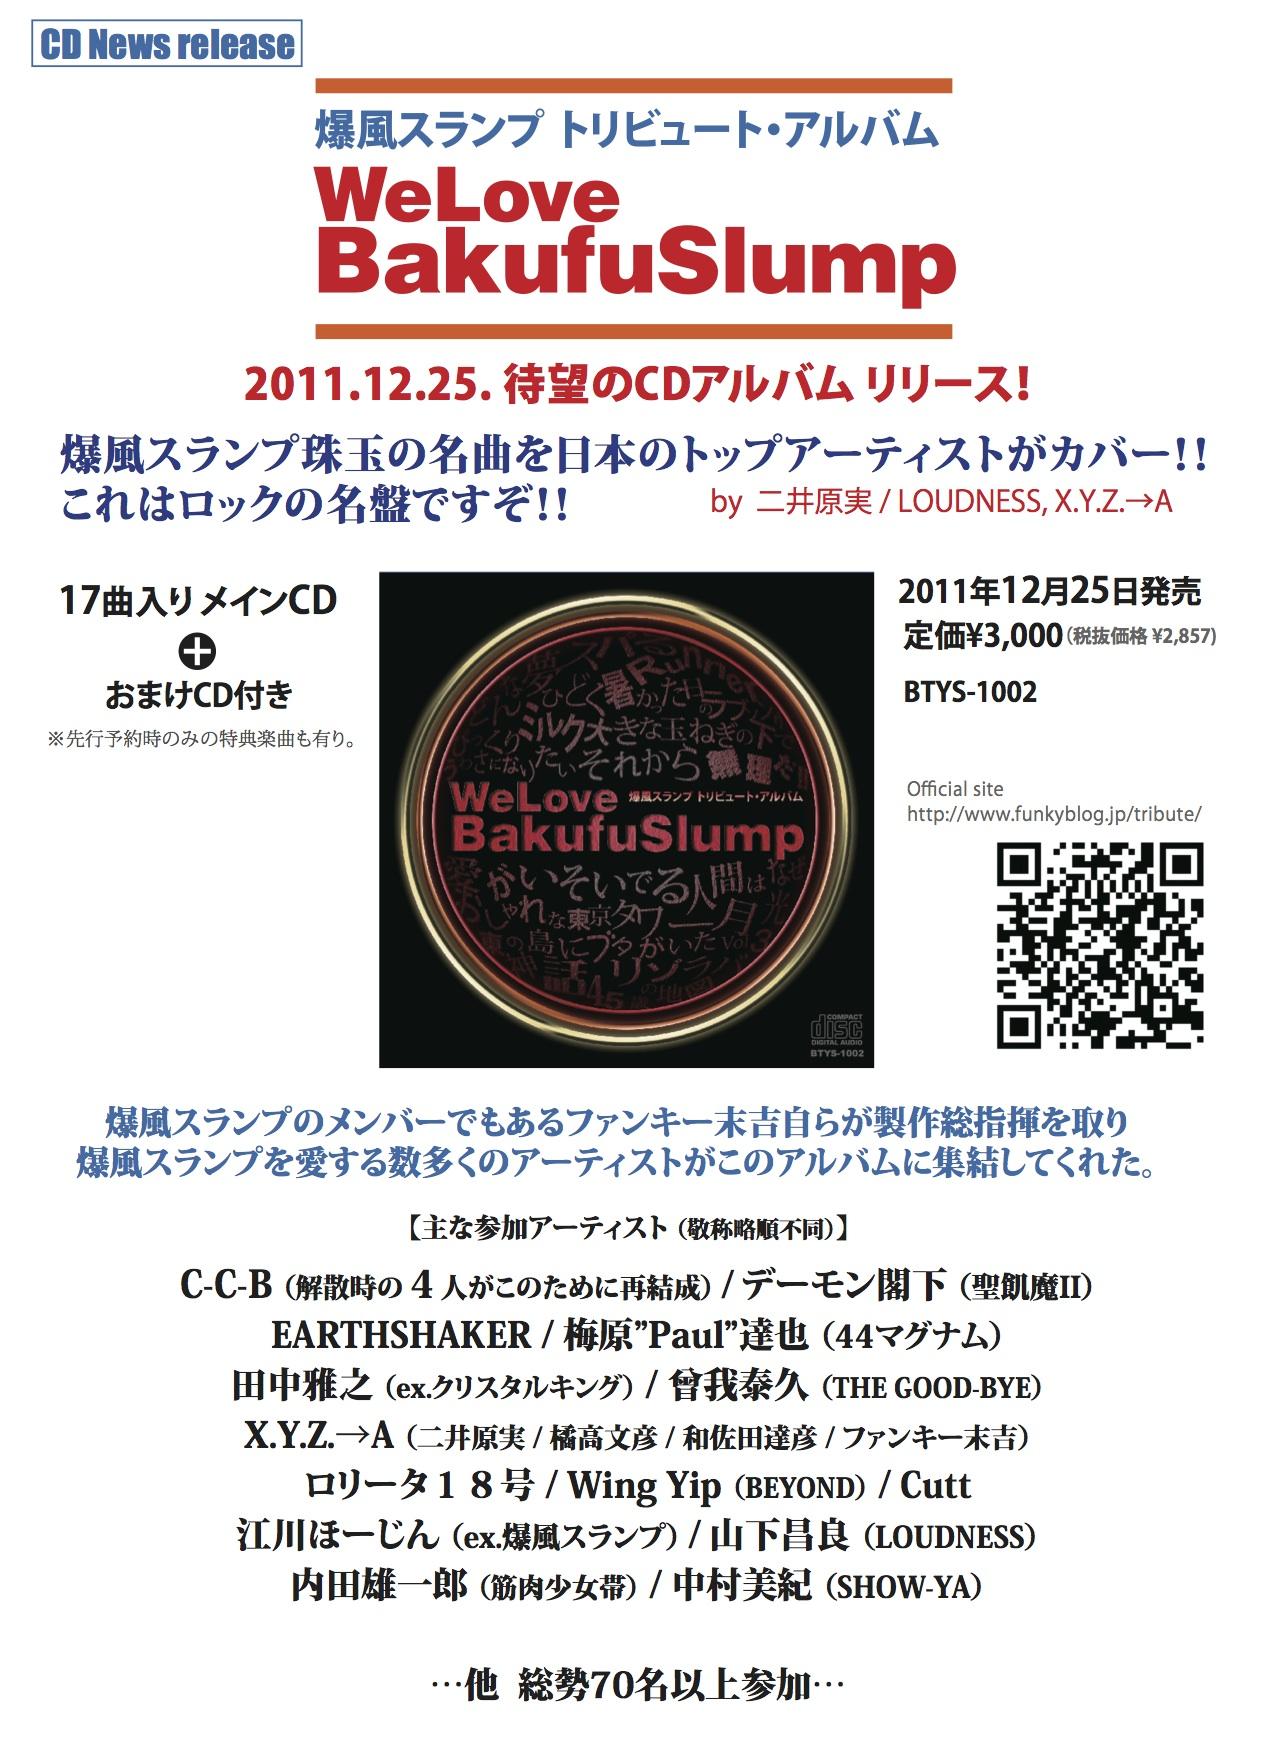 http://www.funkyblog.jp/tribute/BST_CDNEWS1.jpg